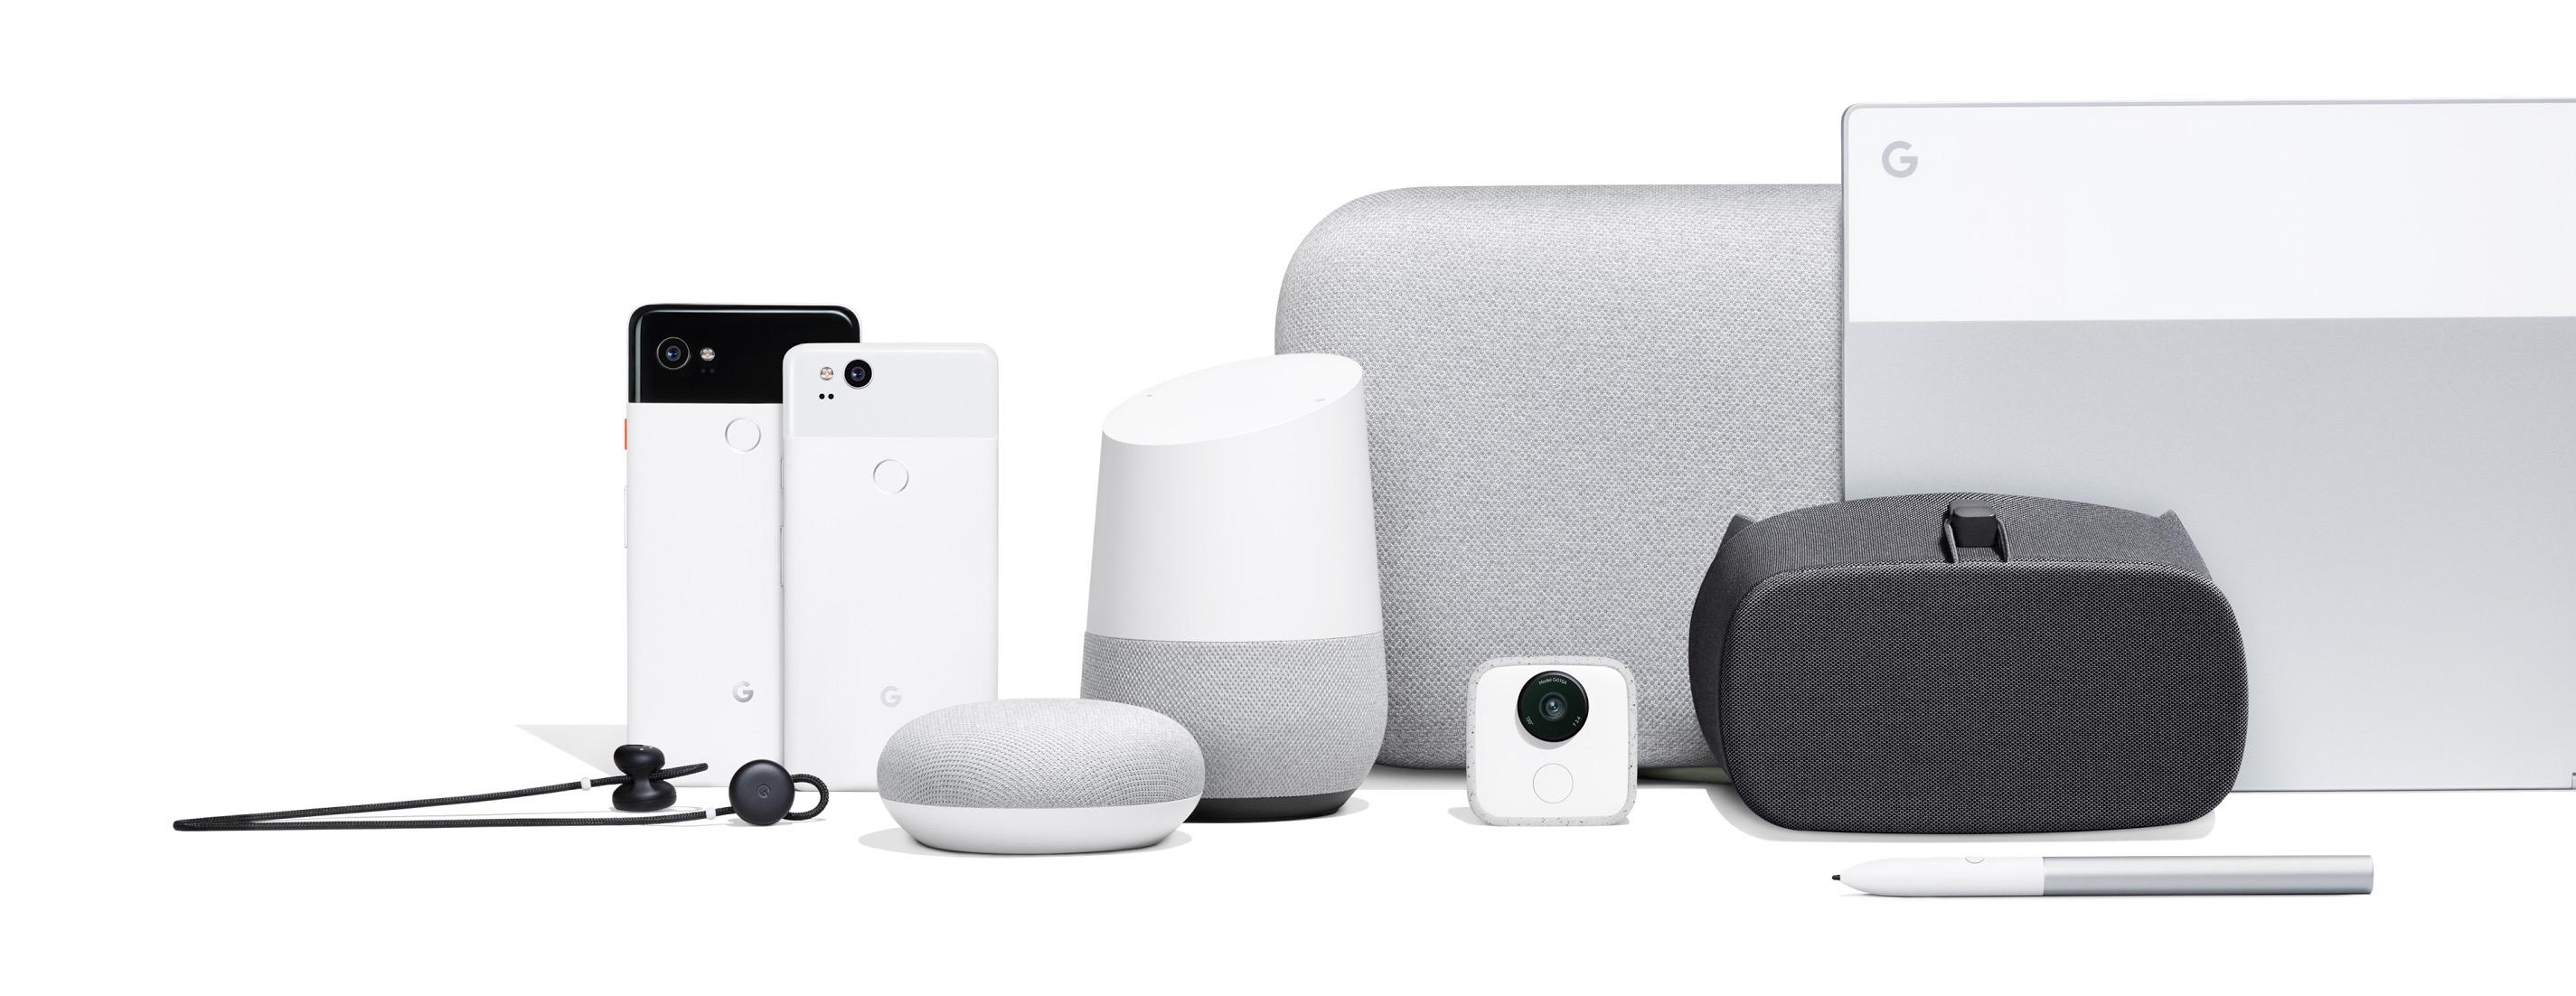 Nova família de dispositivos Google